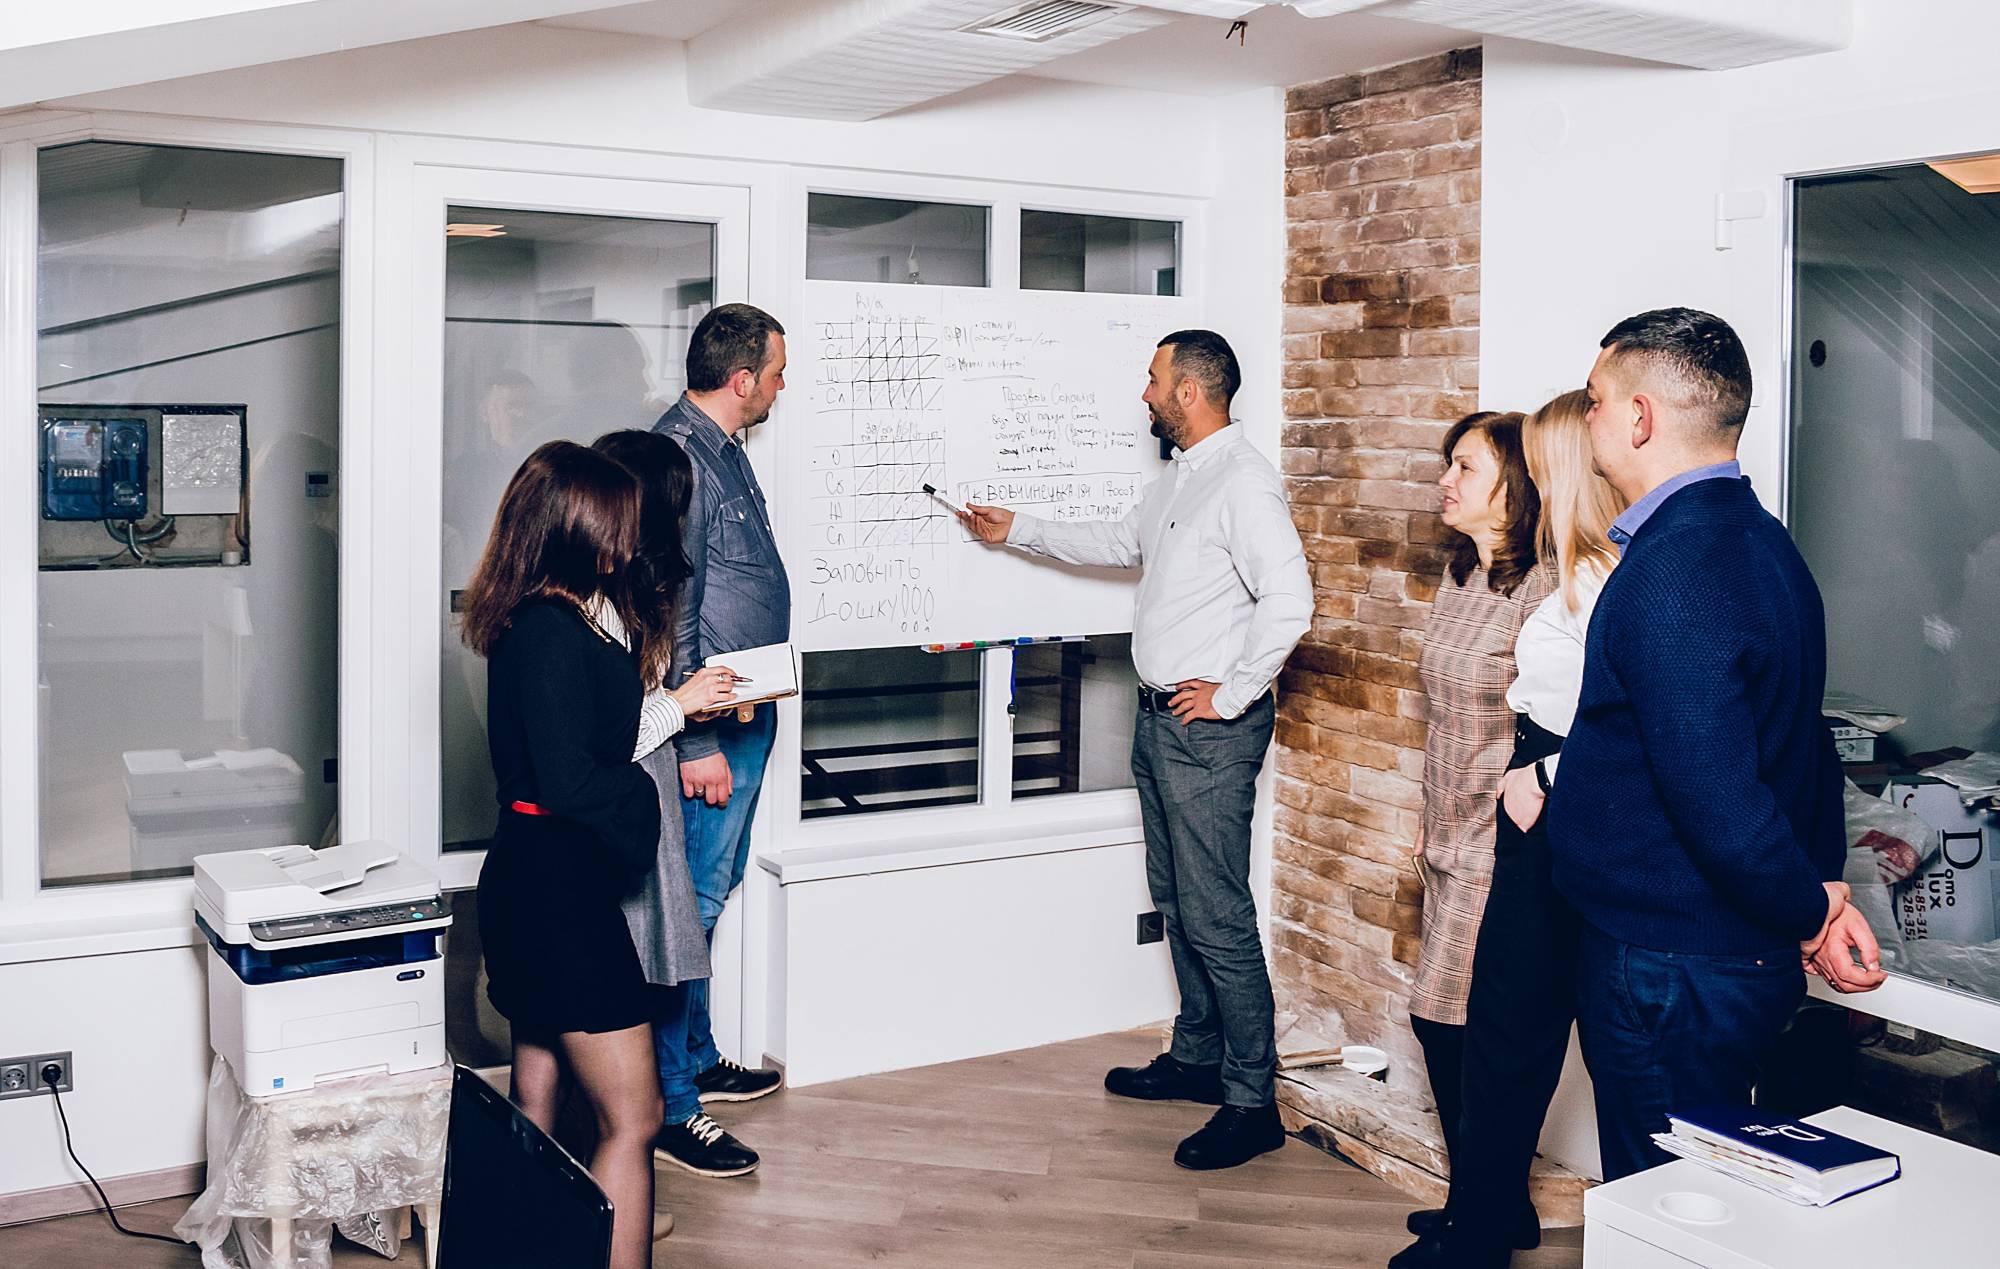 Чому не варто купувати квартиру без супроводу ріелтора: поради франківського експерта